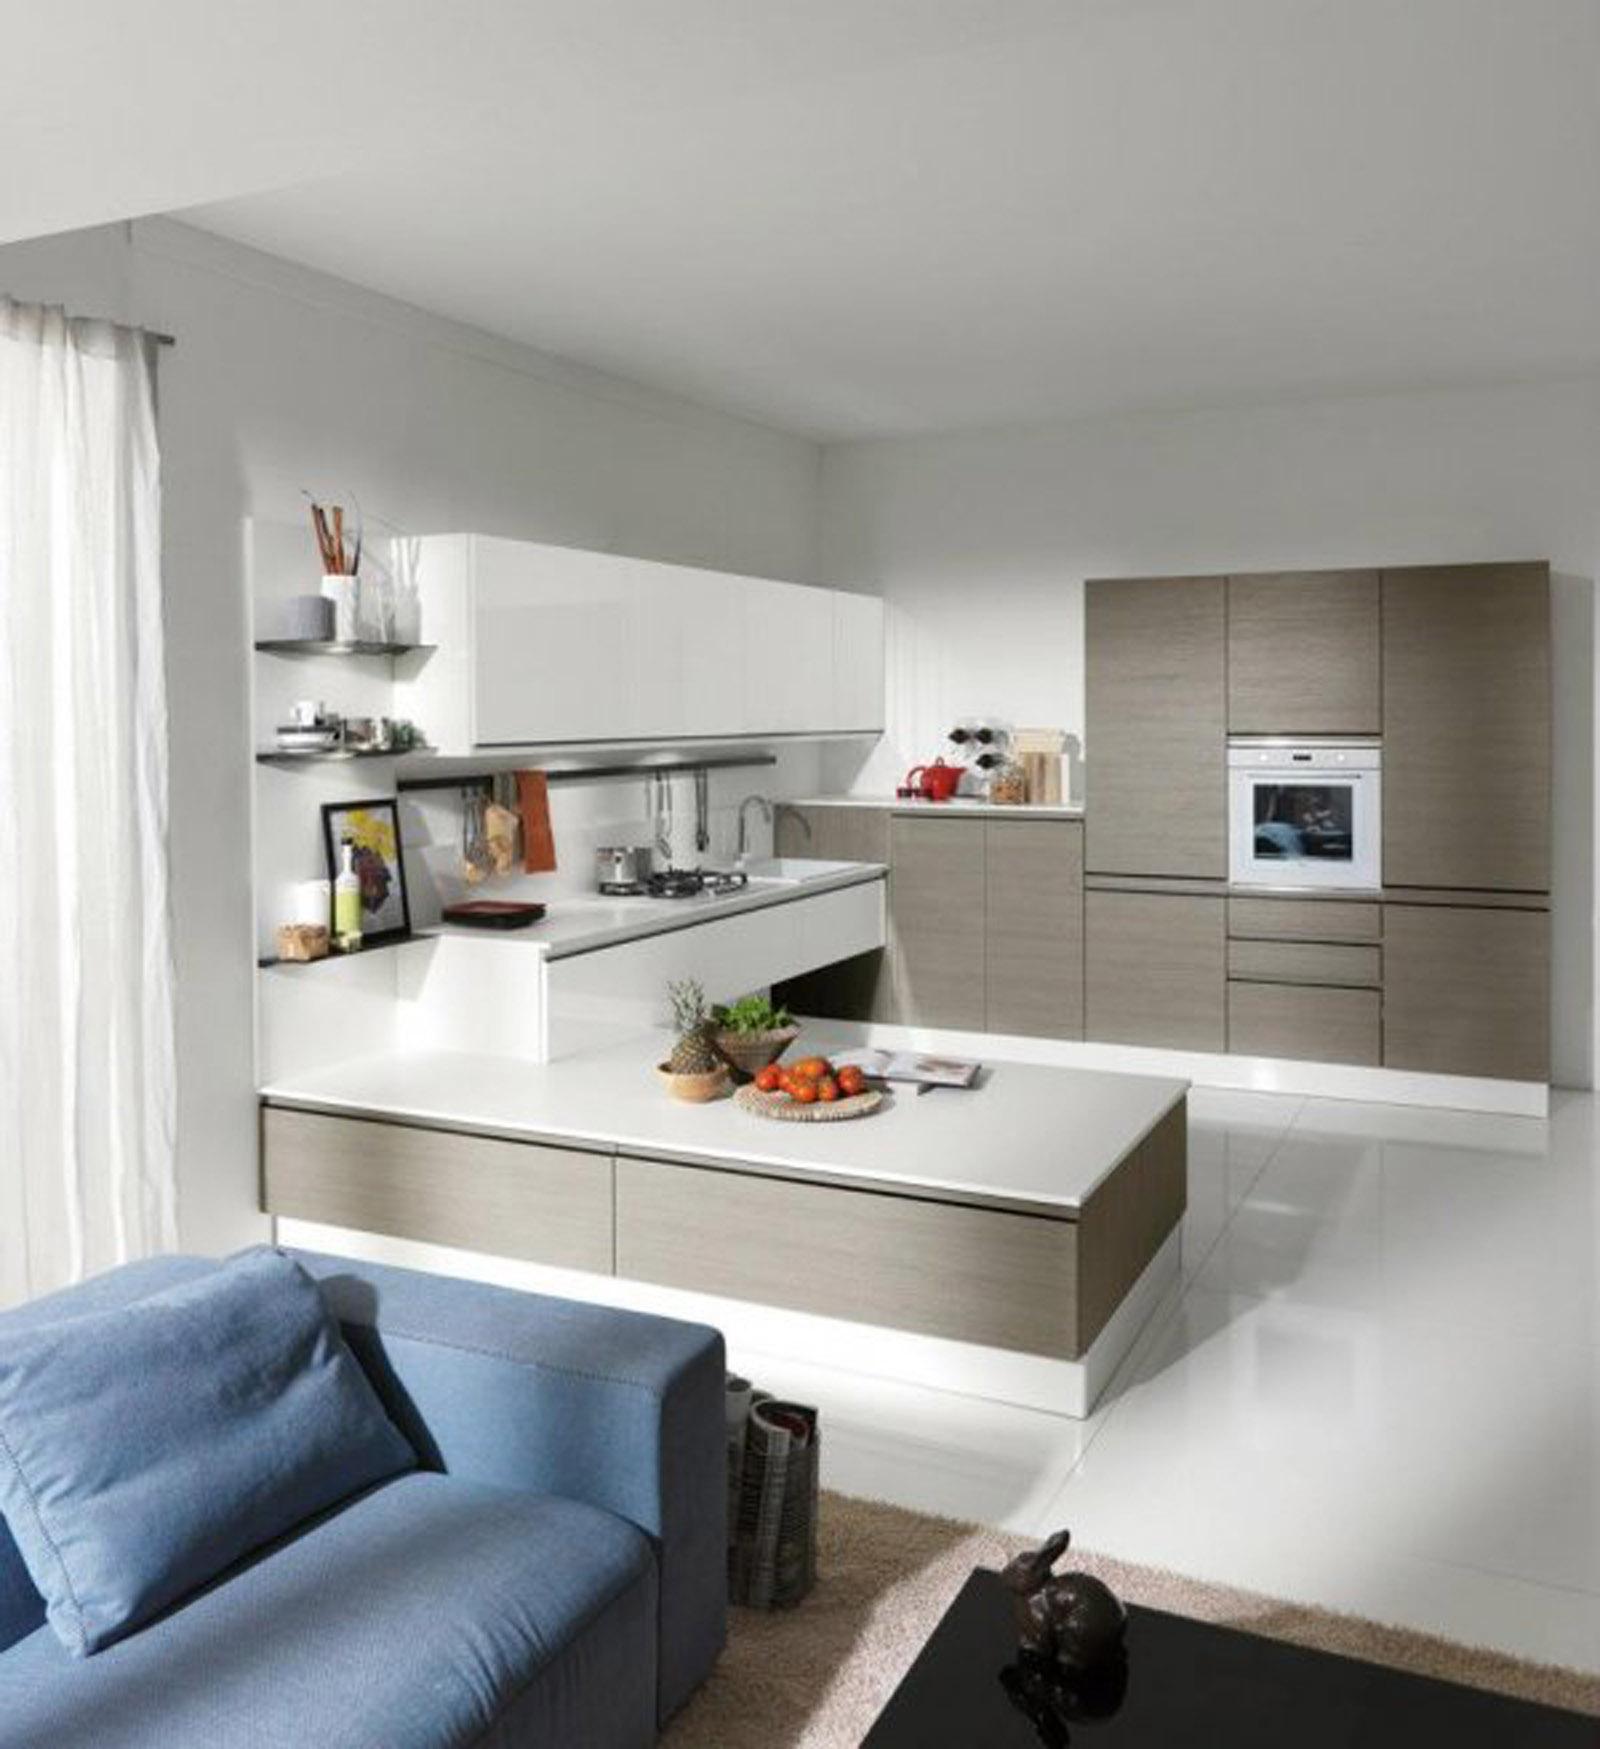 Idee per arredare una cucina a vista sicilia catania messina enna siracusa ragusa pozzallo - Idee per arredare cucina ...